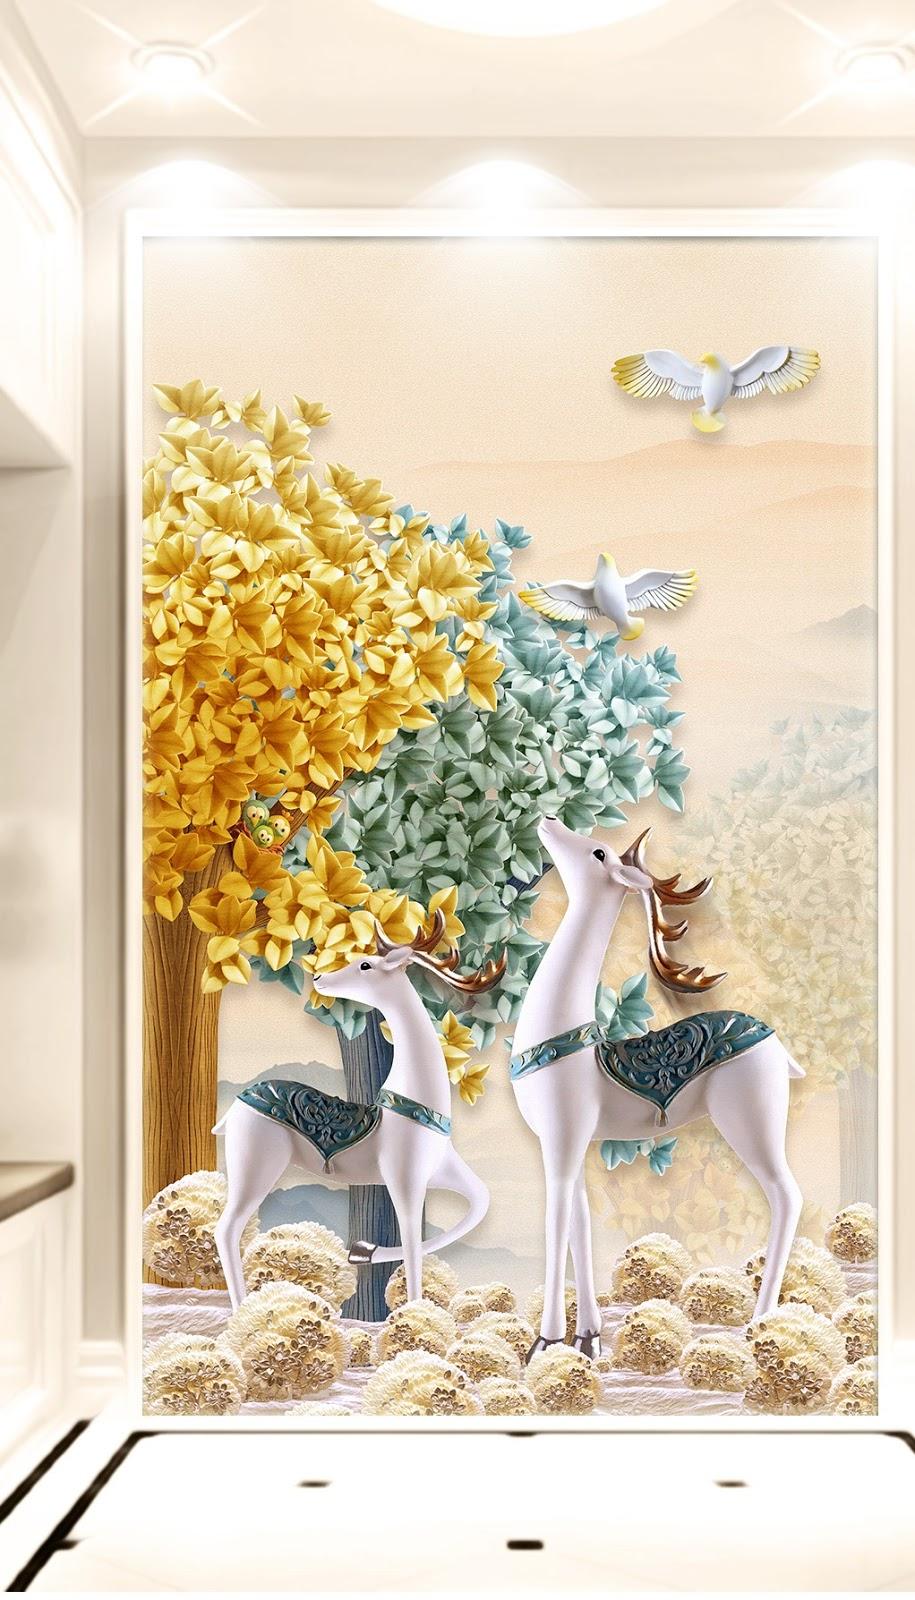 Tranh 3d khổ dọc hươu hoa gạc vàng